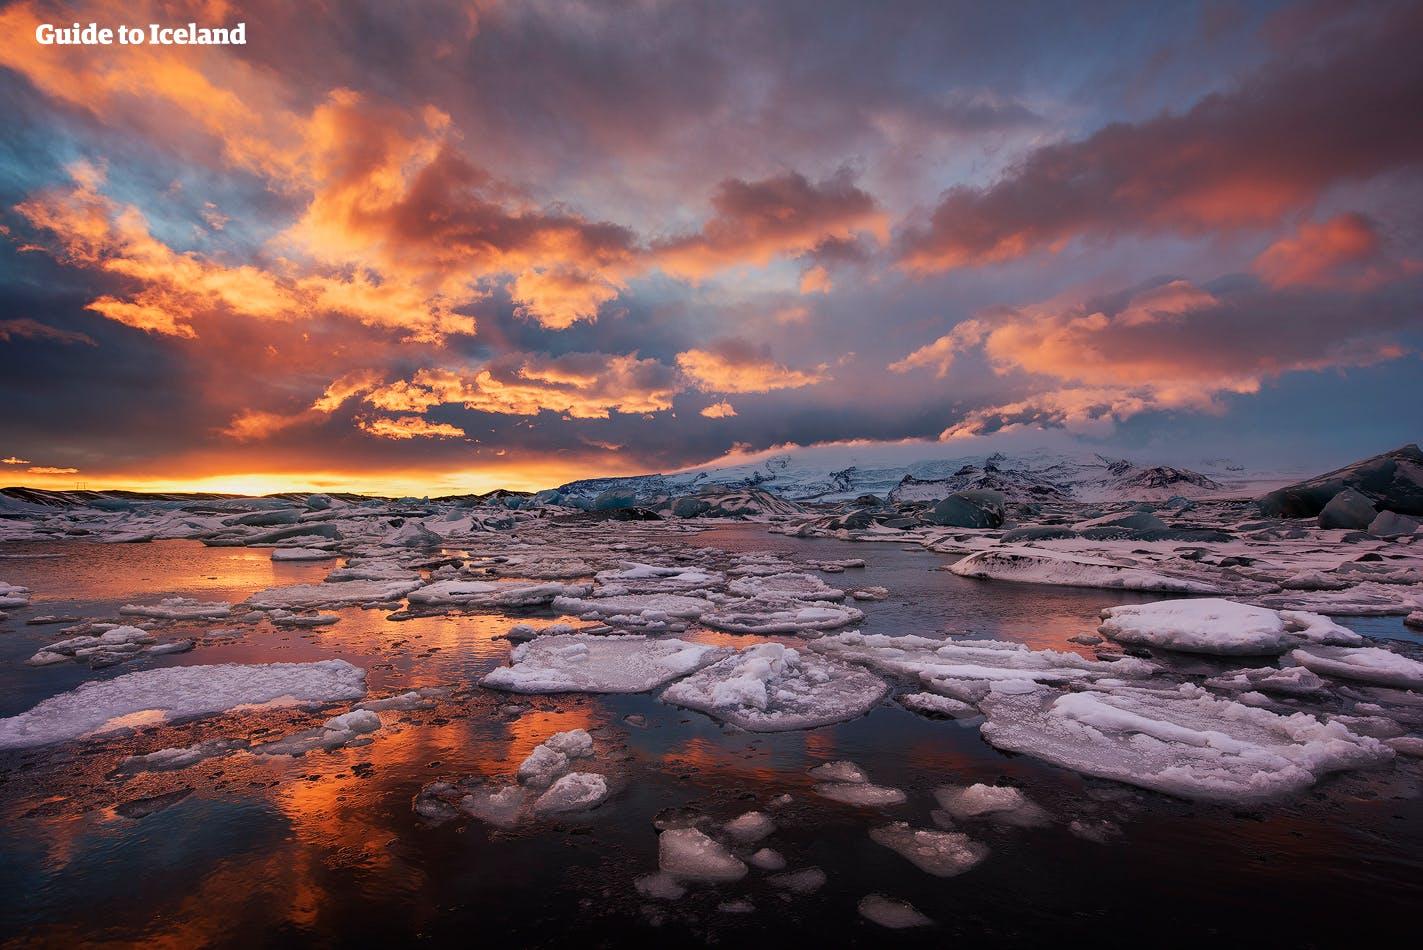 Двухнедельное зимнее путешествие вокруг Исландии - day 10